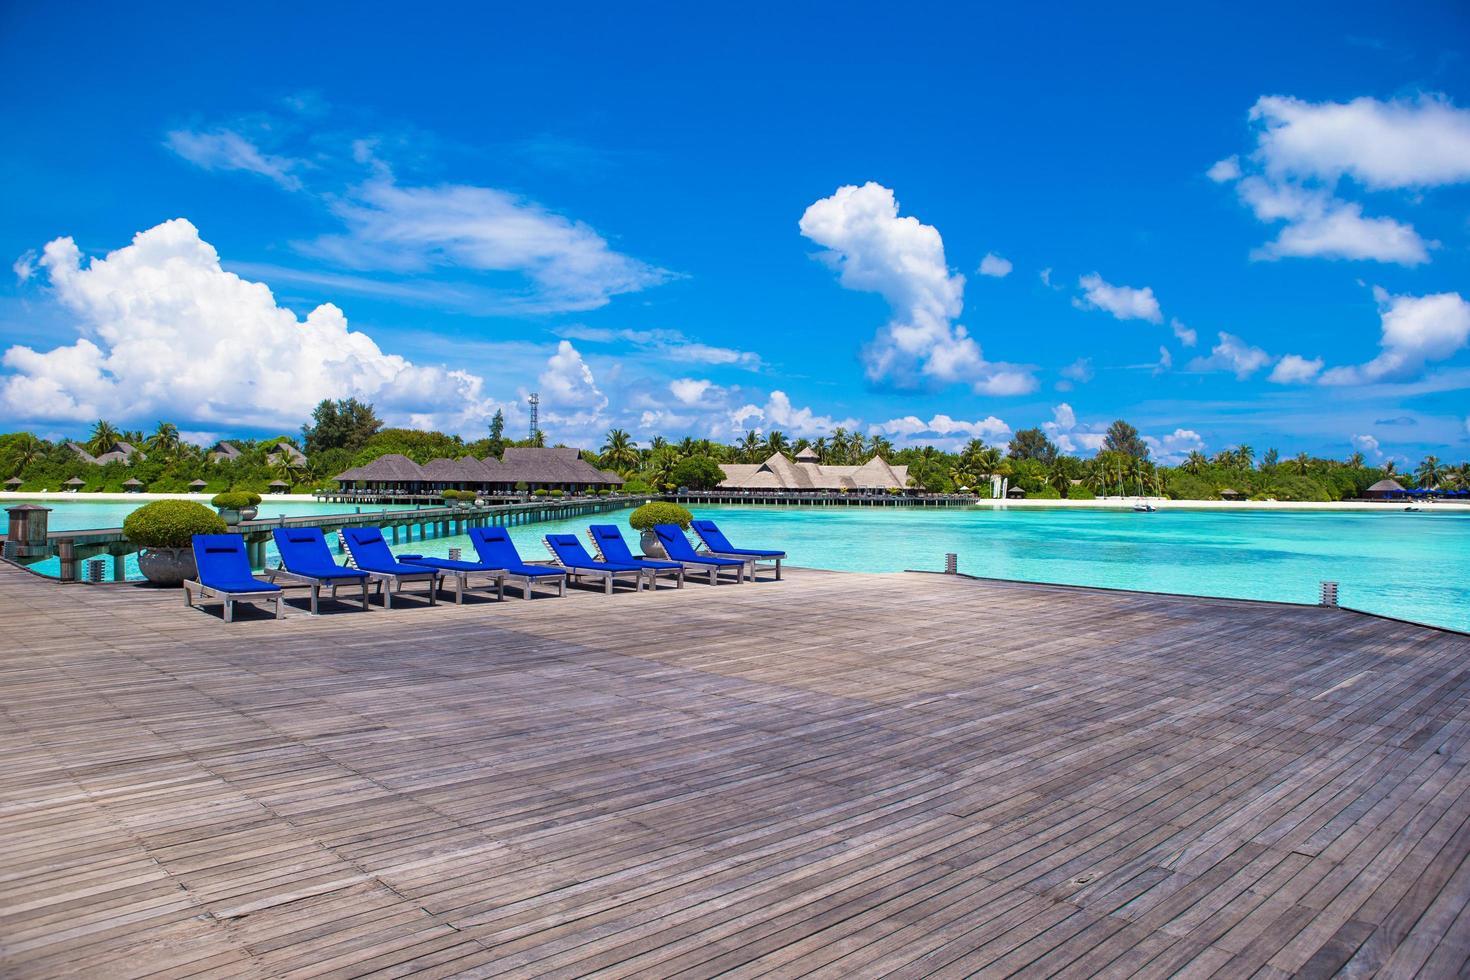 Maldivas, Asia del Sur, 2020 - Resort de la isla vacía durante el día foto